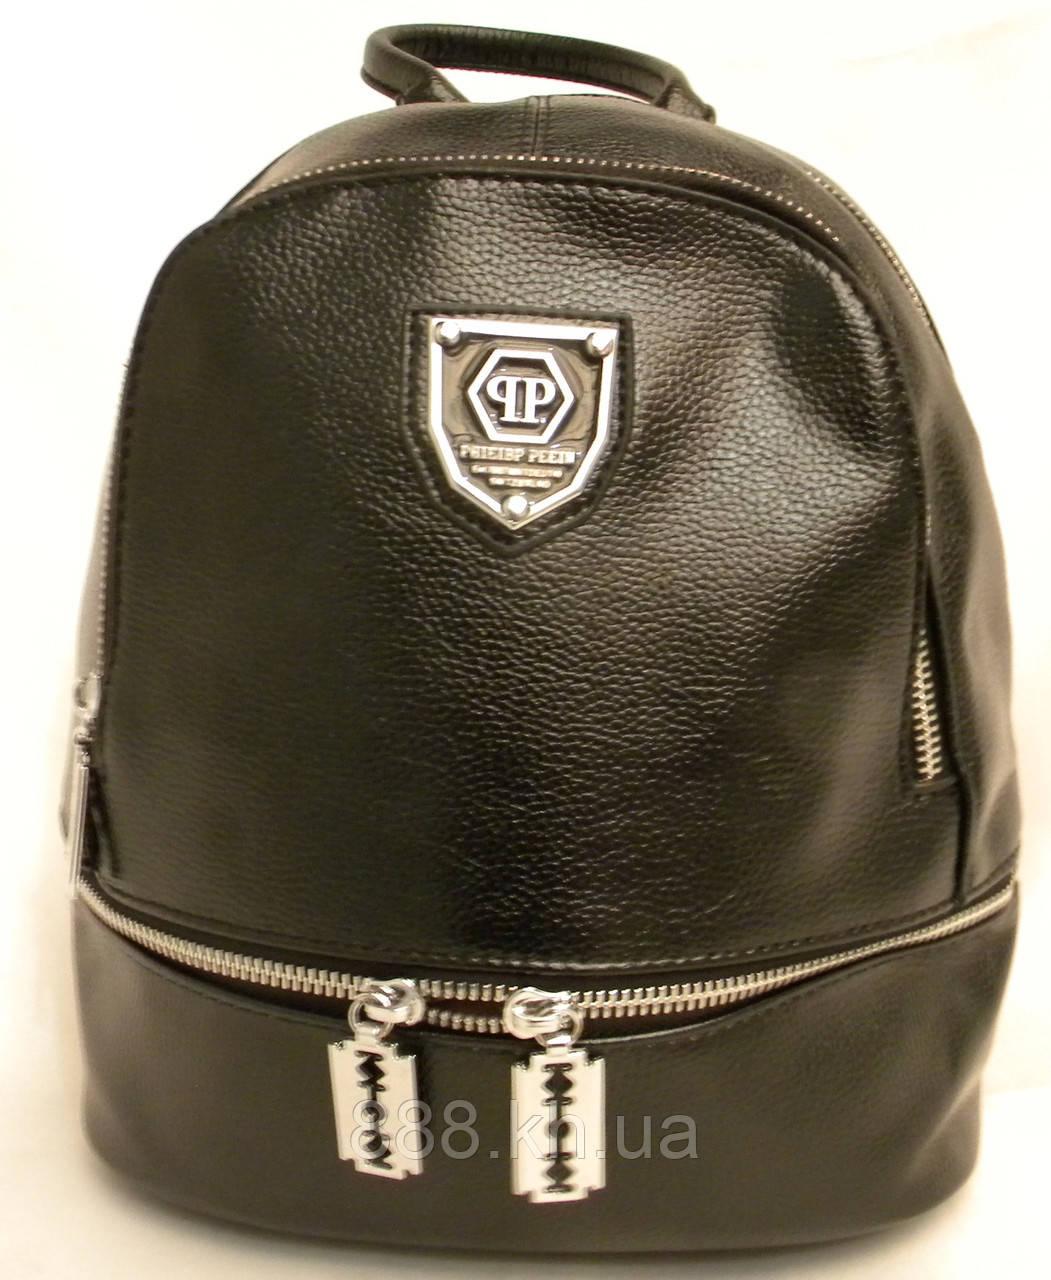 Стильный кожаный женский рюкзак Philipp Plane, рюкзак для девочки, городской рюкзак не оригинал